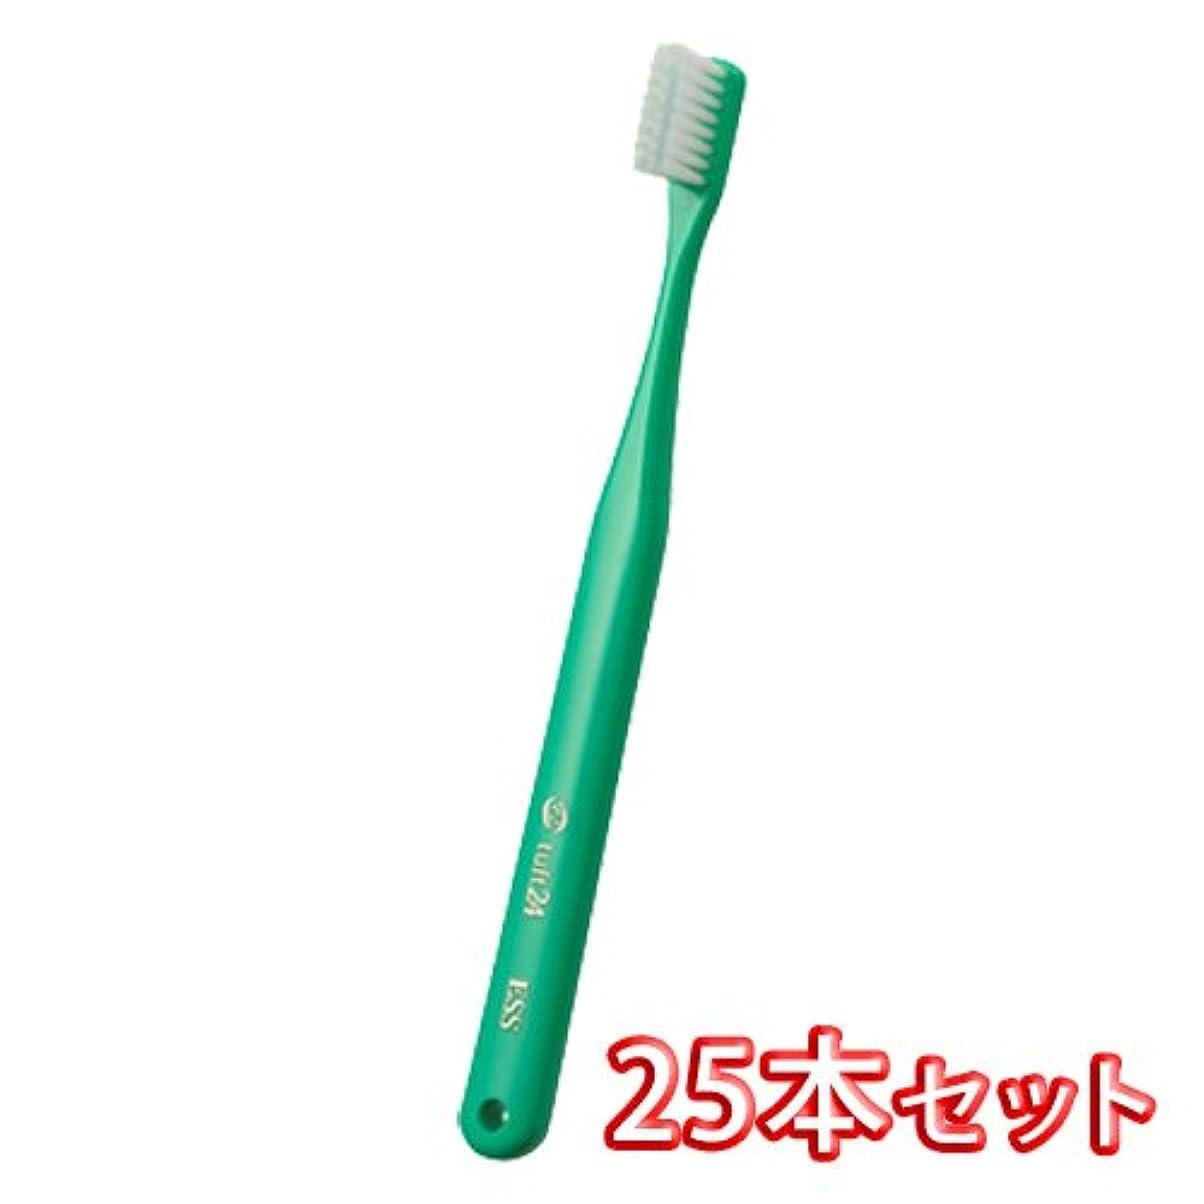 助言するビジョン幻滅するオーラルケア キャップ付き タフト 24 歯ブラシ 25本入 ミディアムハード MH (グリーン)